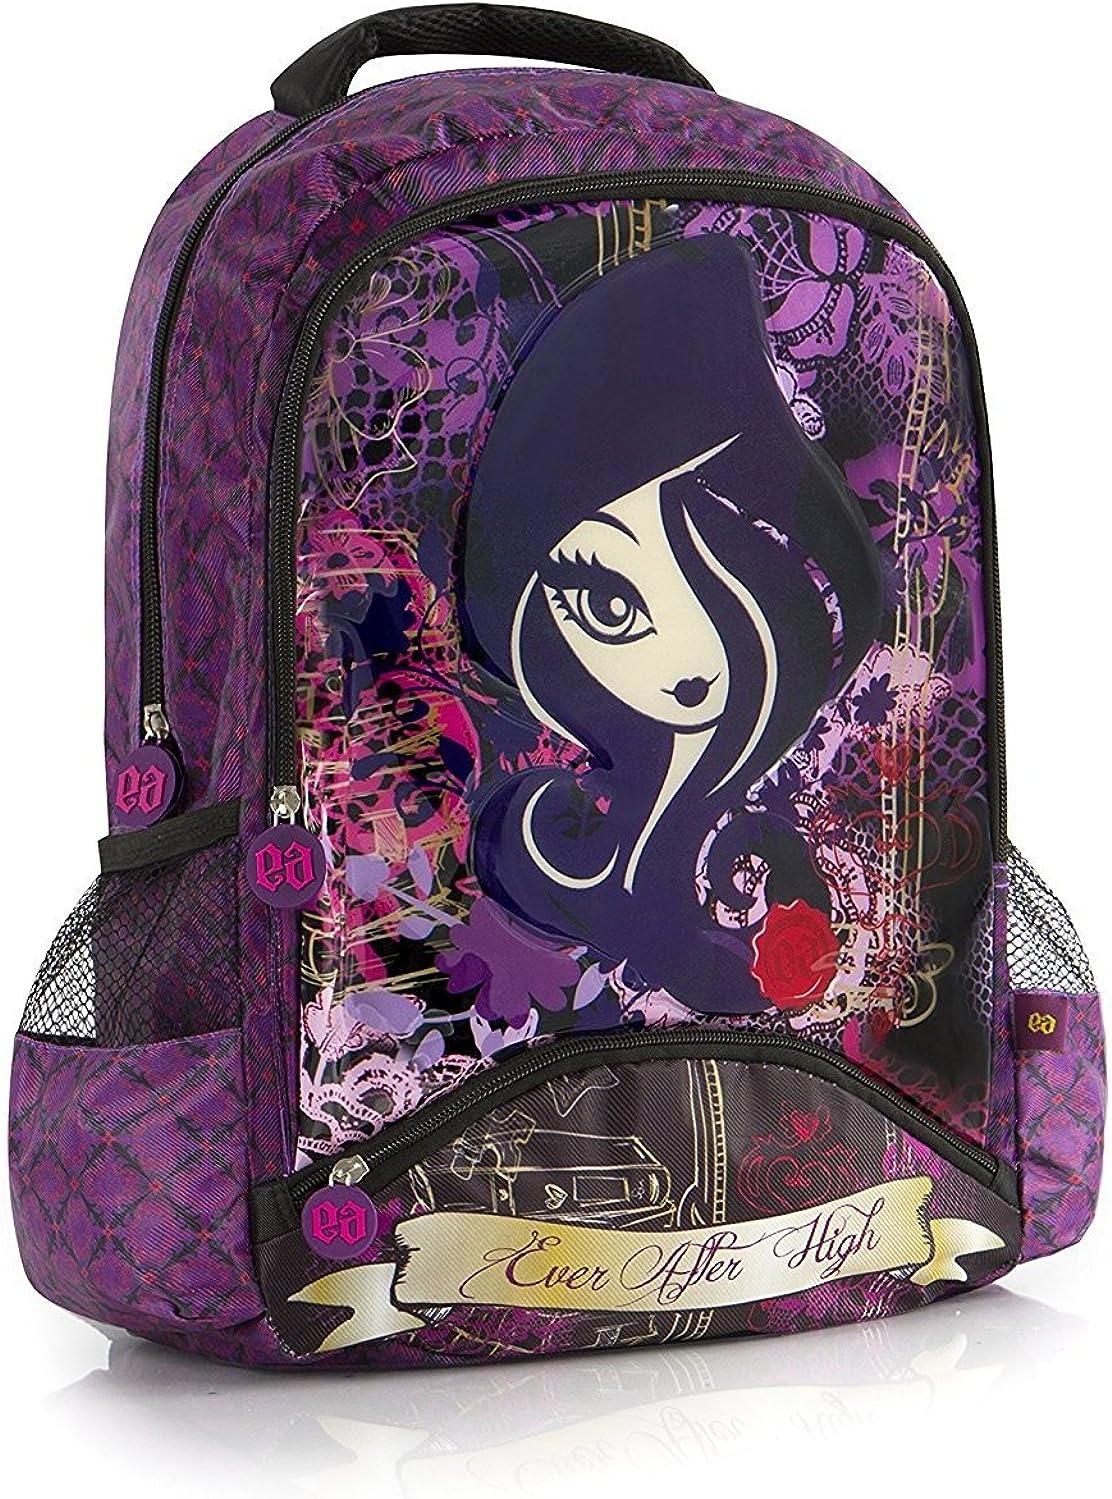 Heys Mattel Ever After High Tween 17' Backpack Kids Rucksack Full Size